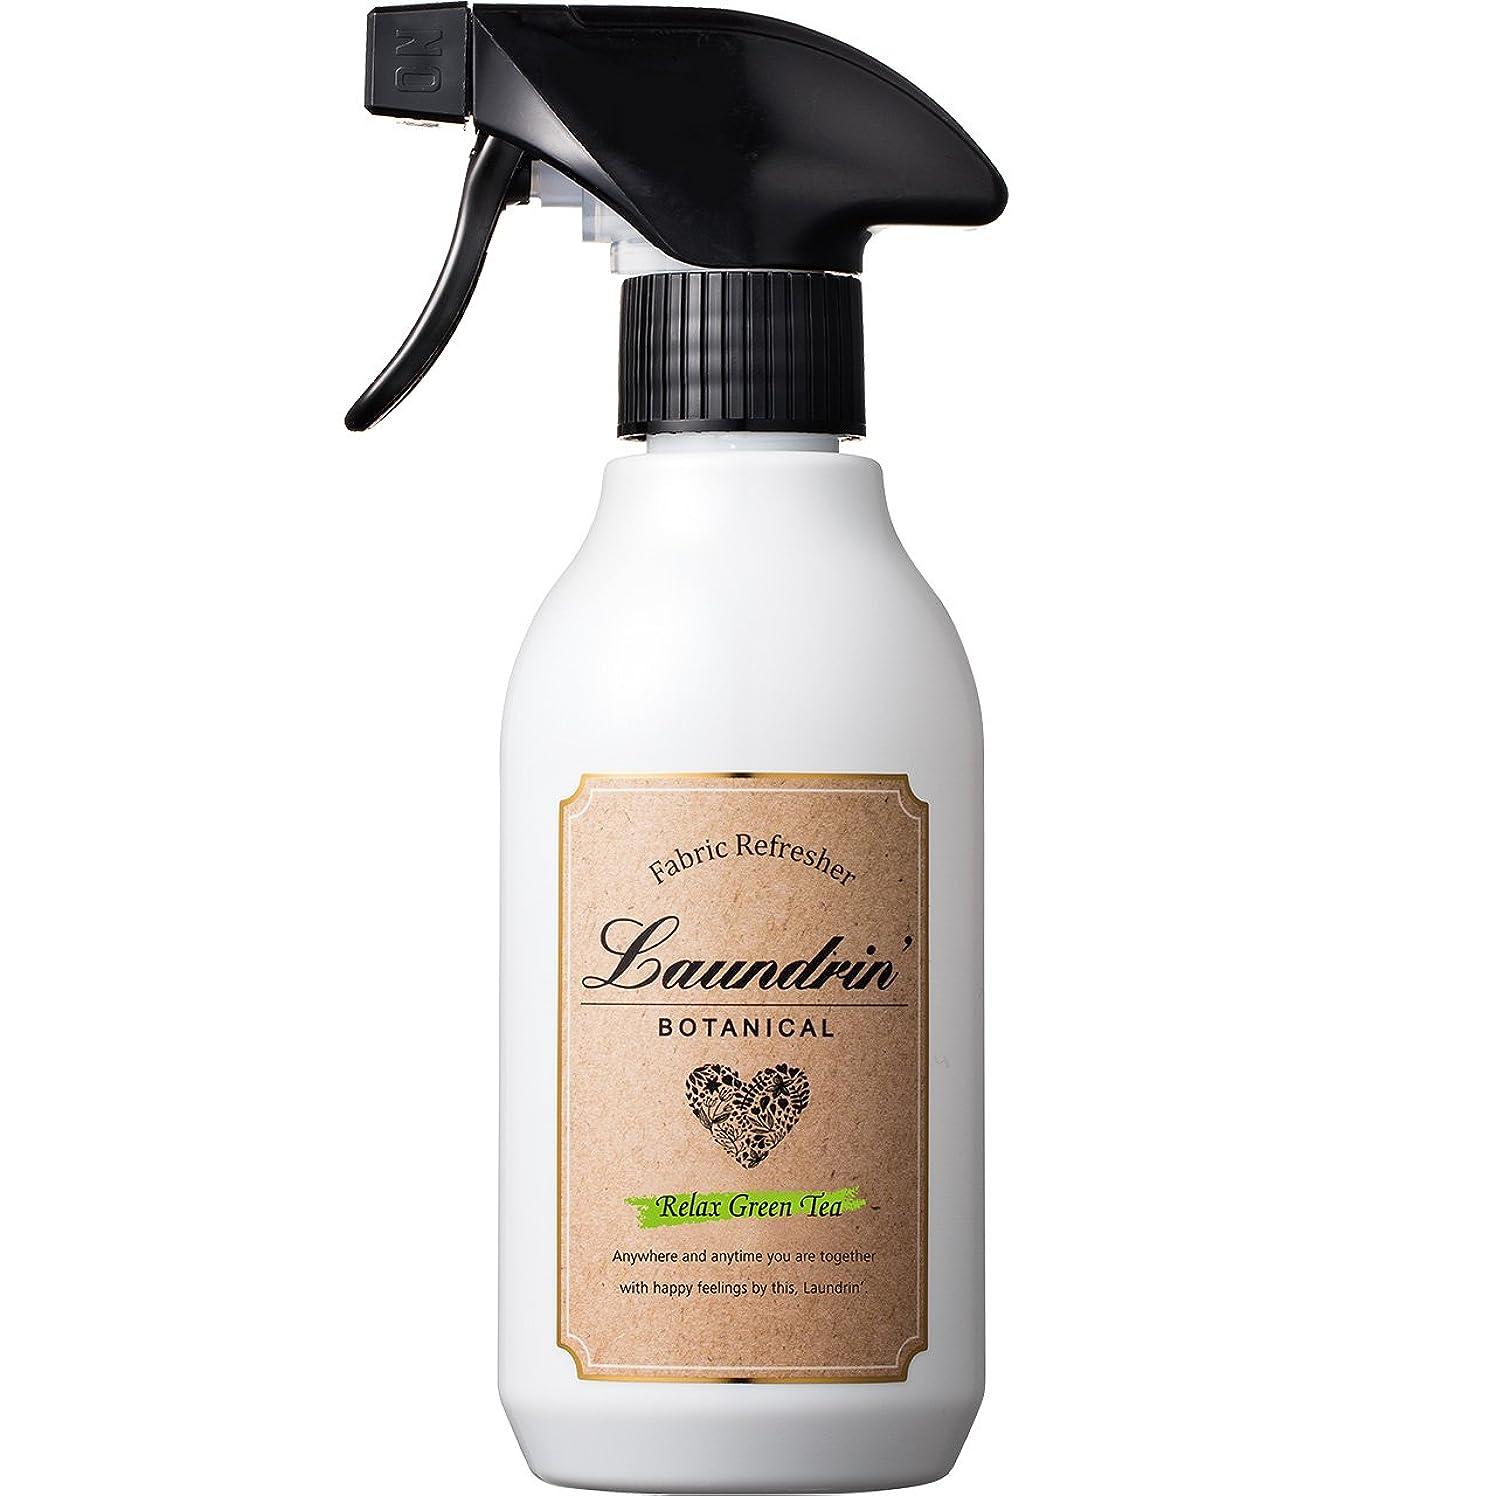 とらえどころのないパーフェルビッド傷つけるランドリン ボタニカル ファブリックミスト リラックスグリーンティーの香り 300ml